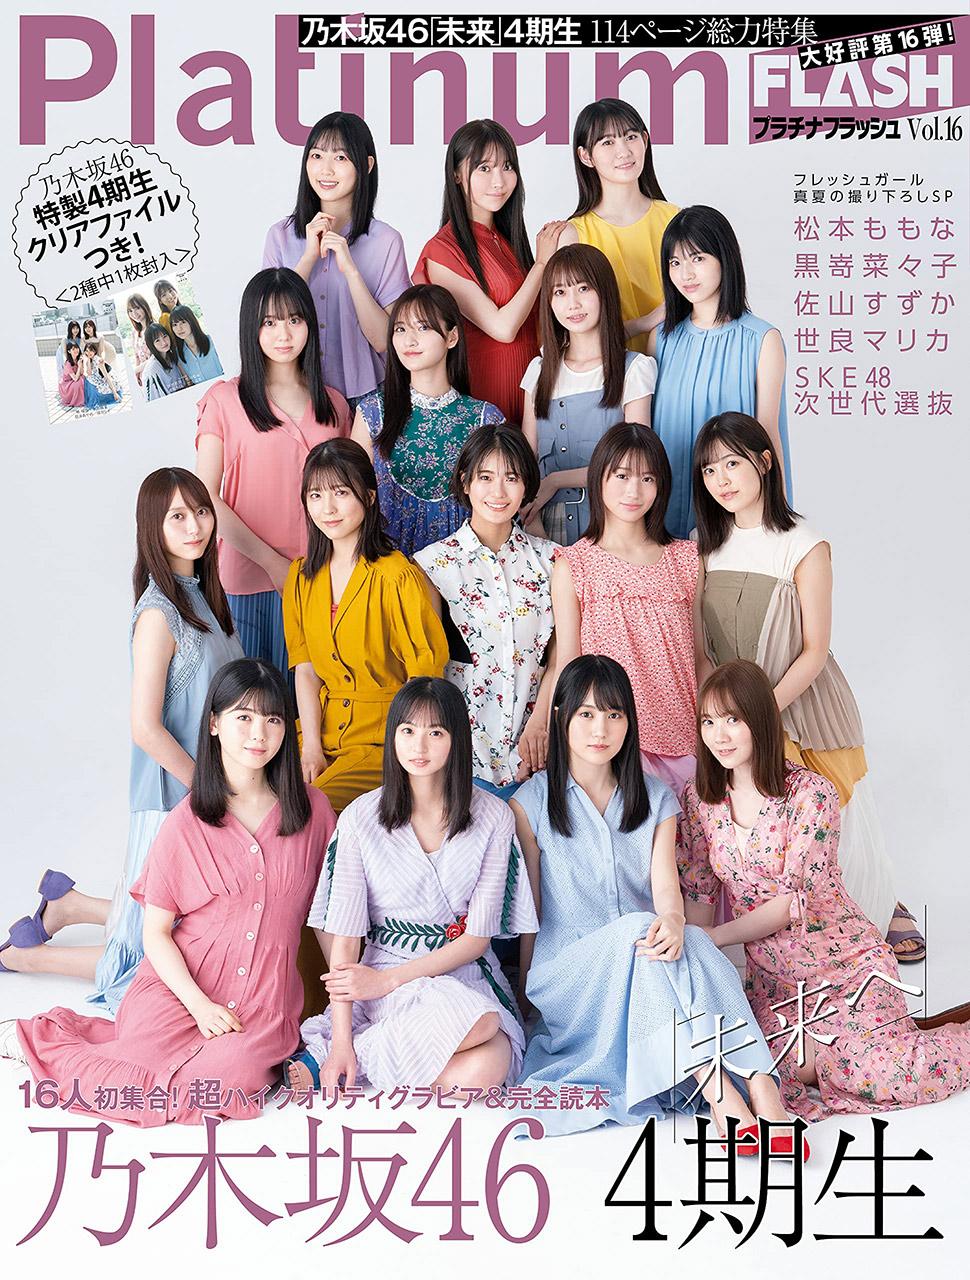 乃木坂46 4期生 総力特集!「Platinum FLASH vol.16」8/26発売!